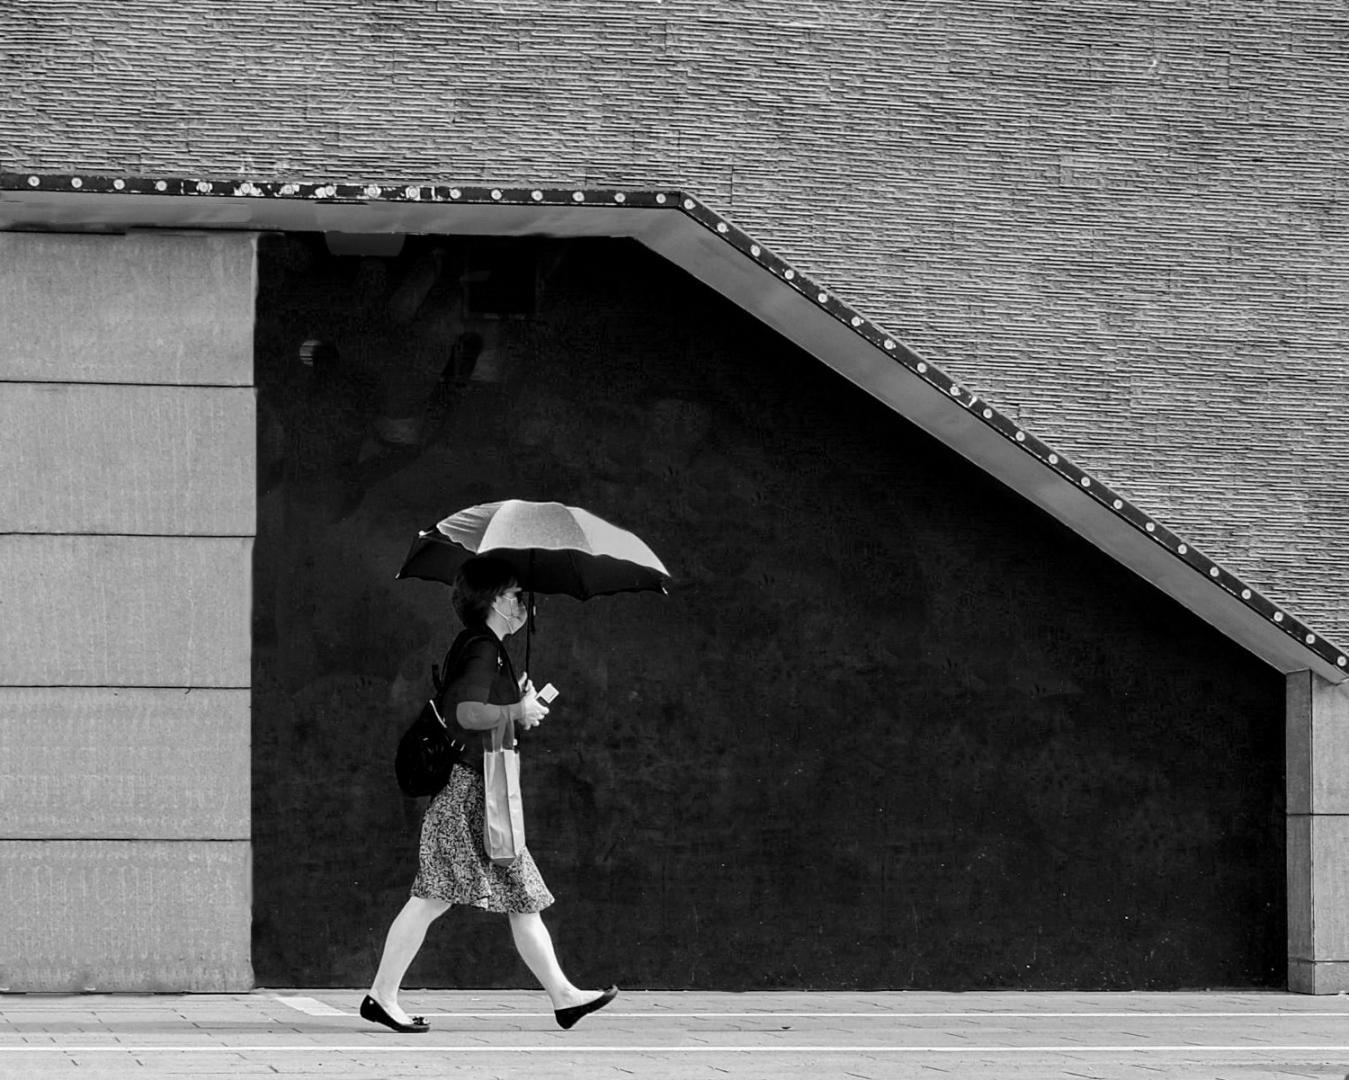 Fotografia de Rua/Woman with parasol